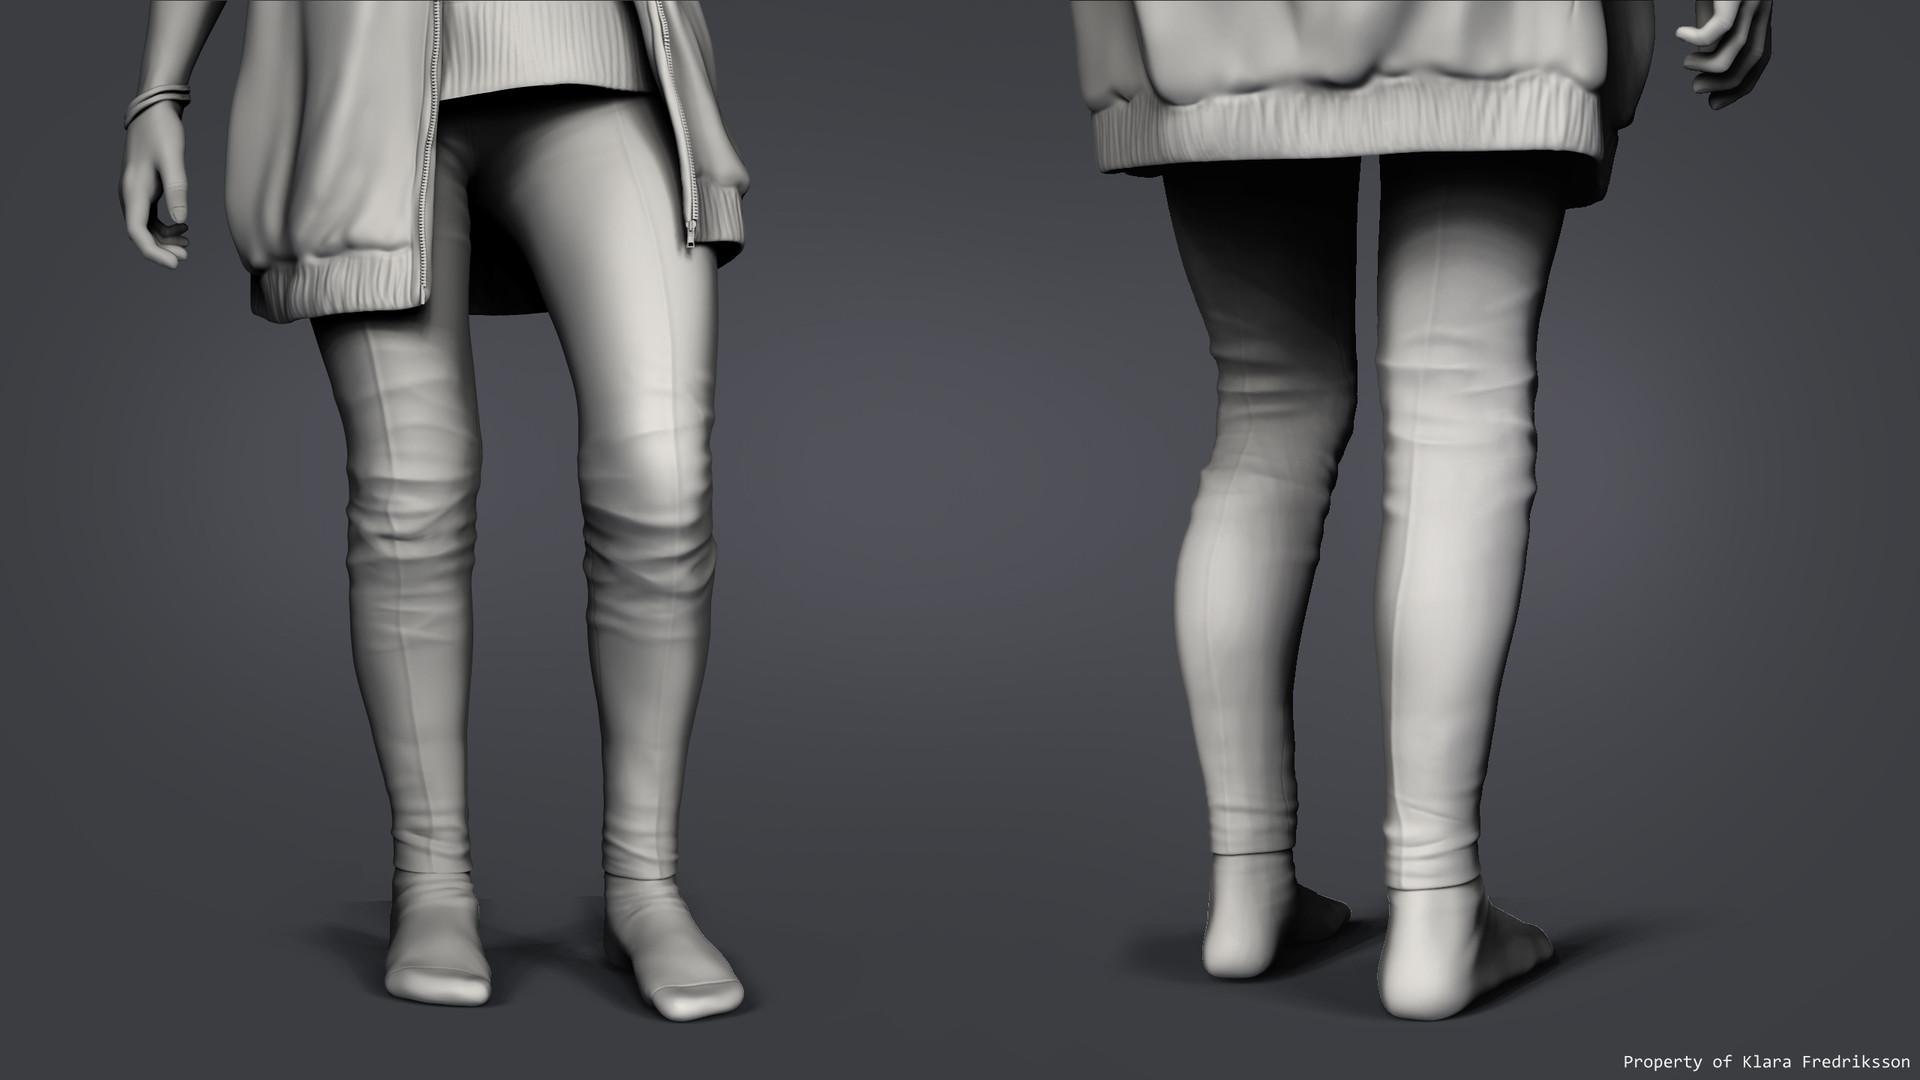 Klara fredriksson pantscloseup